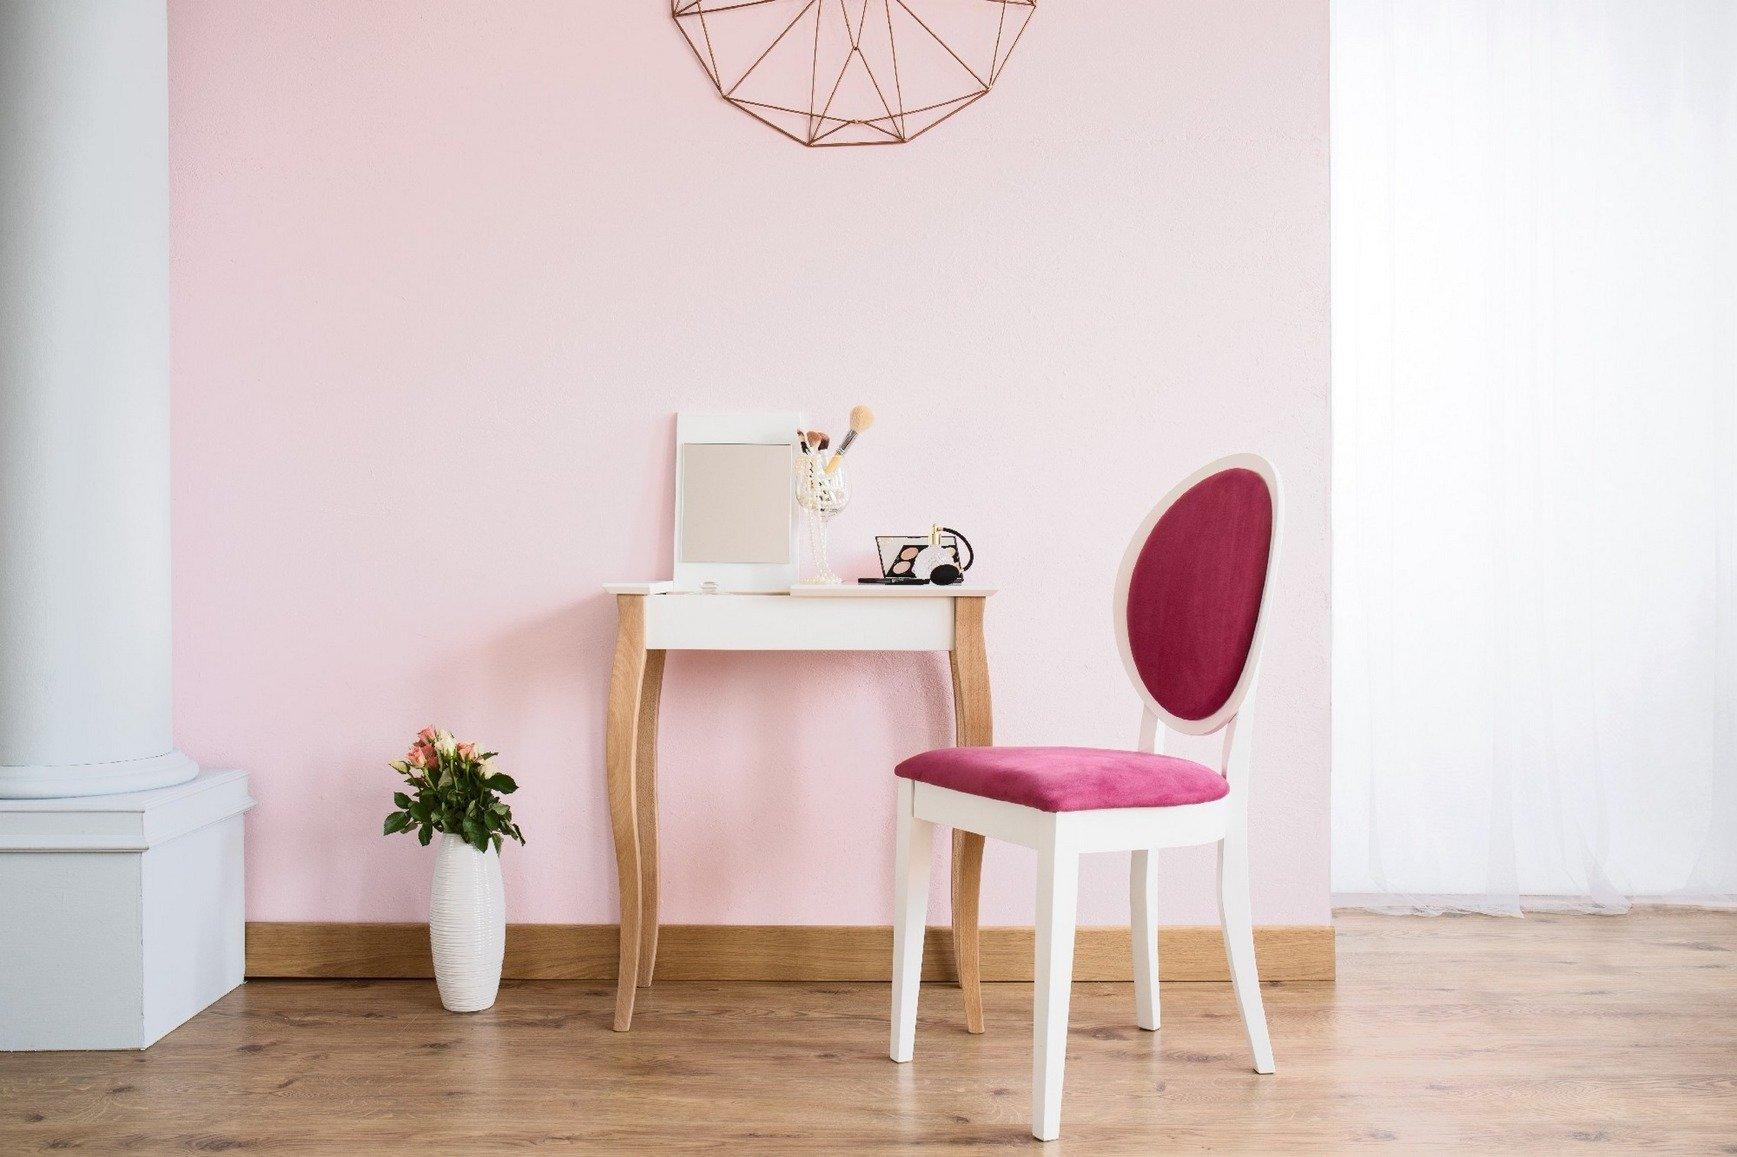 lillo small schminktisch mit spiegel gelb gelb m bel konsolentisch m bel schminktisch. Black Bedroom Furniture Sets. Home Design Ideas